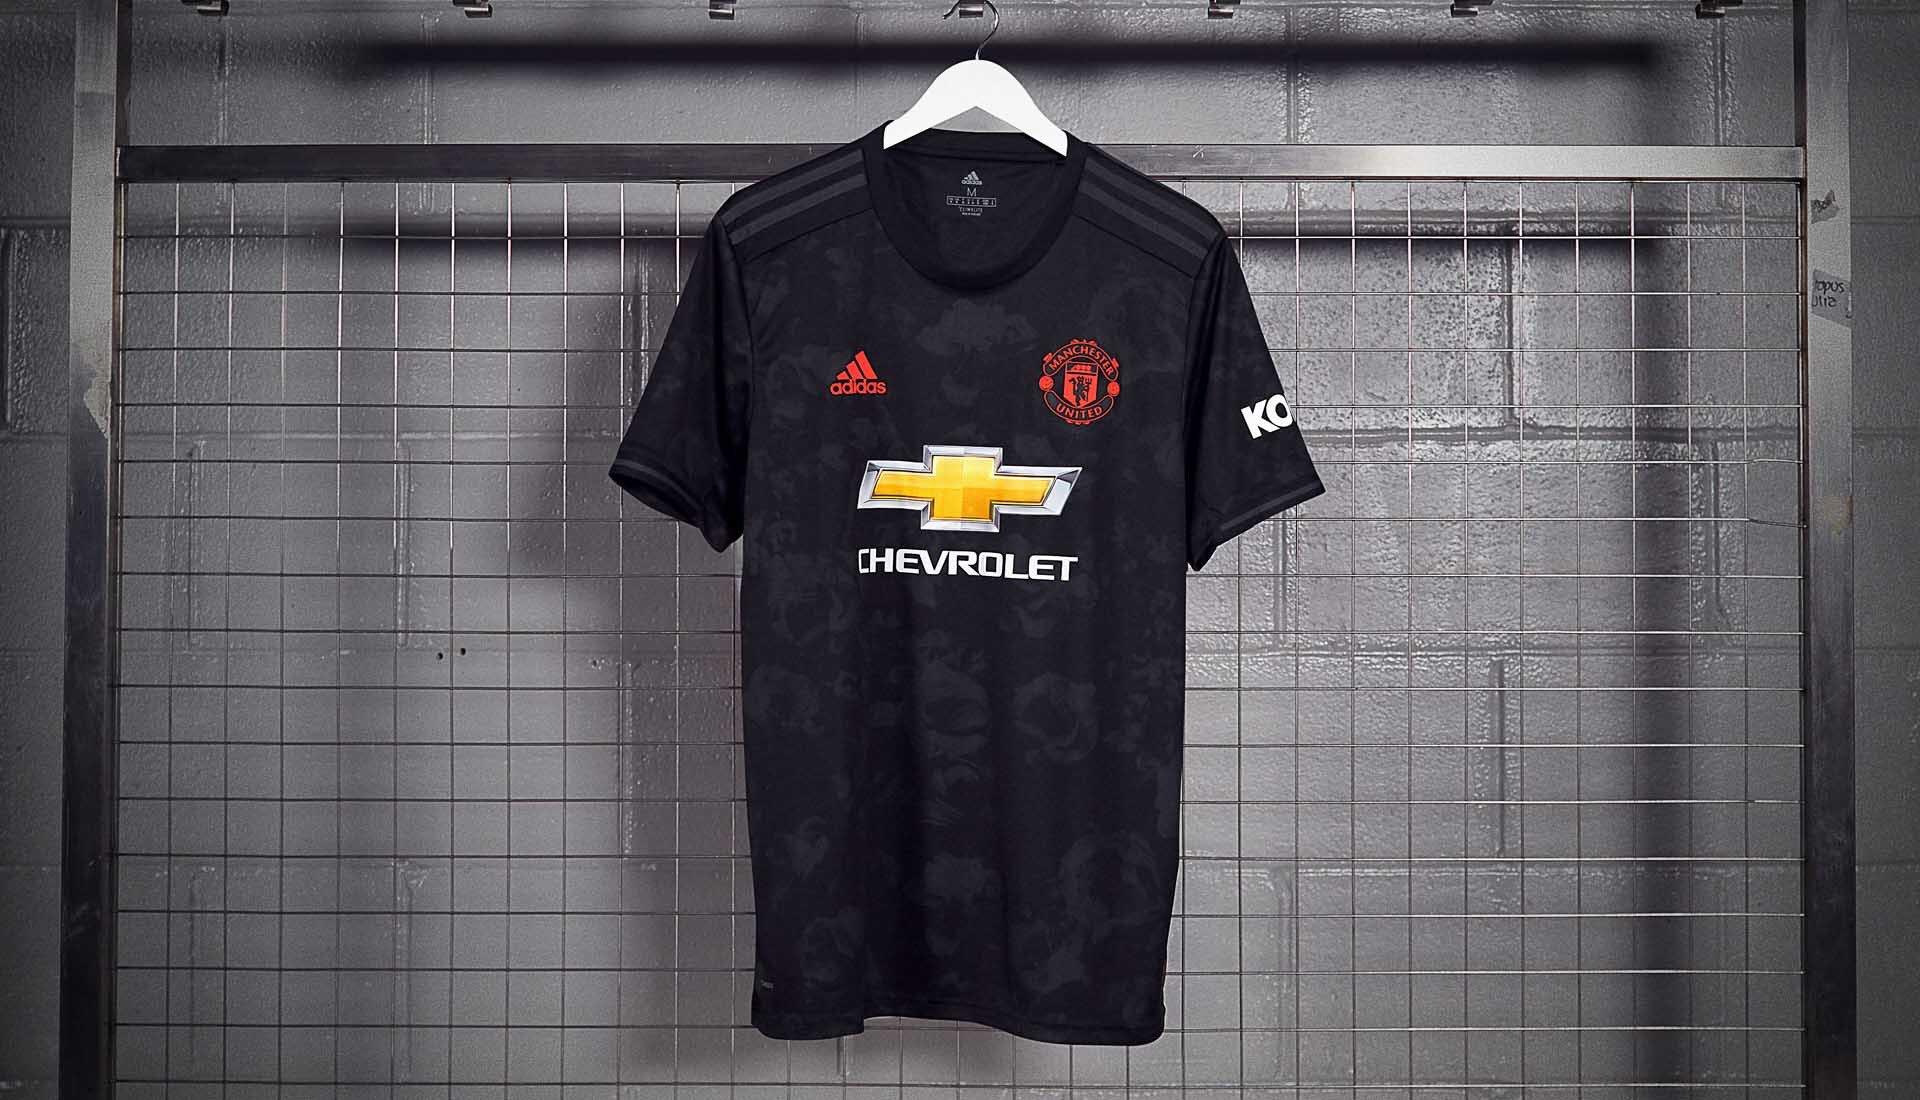 قميص مانشستر يونايتد الثالث